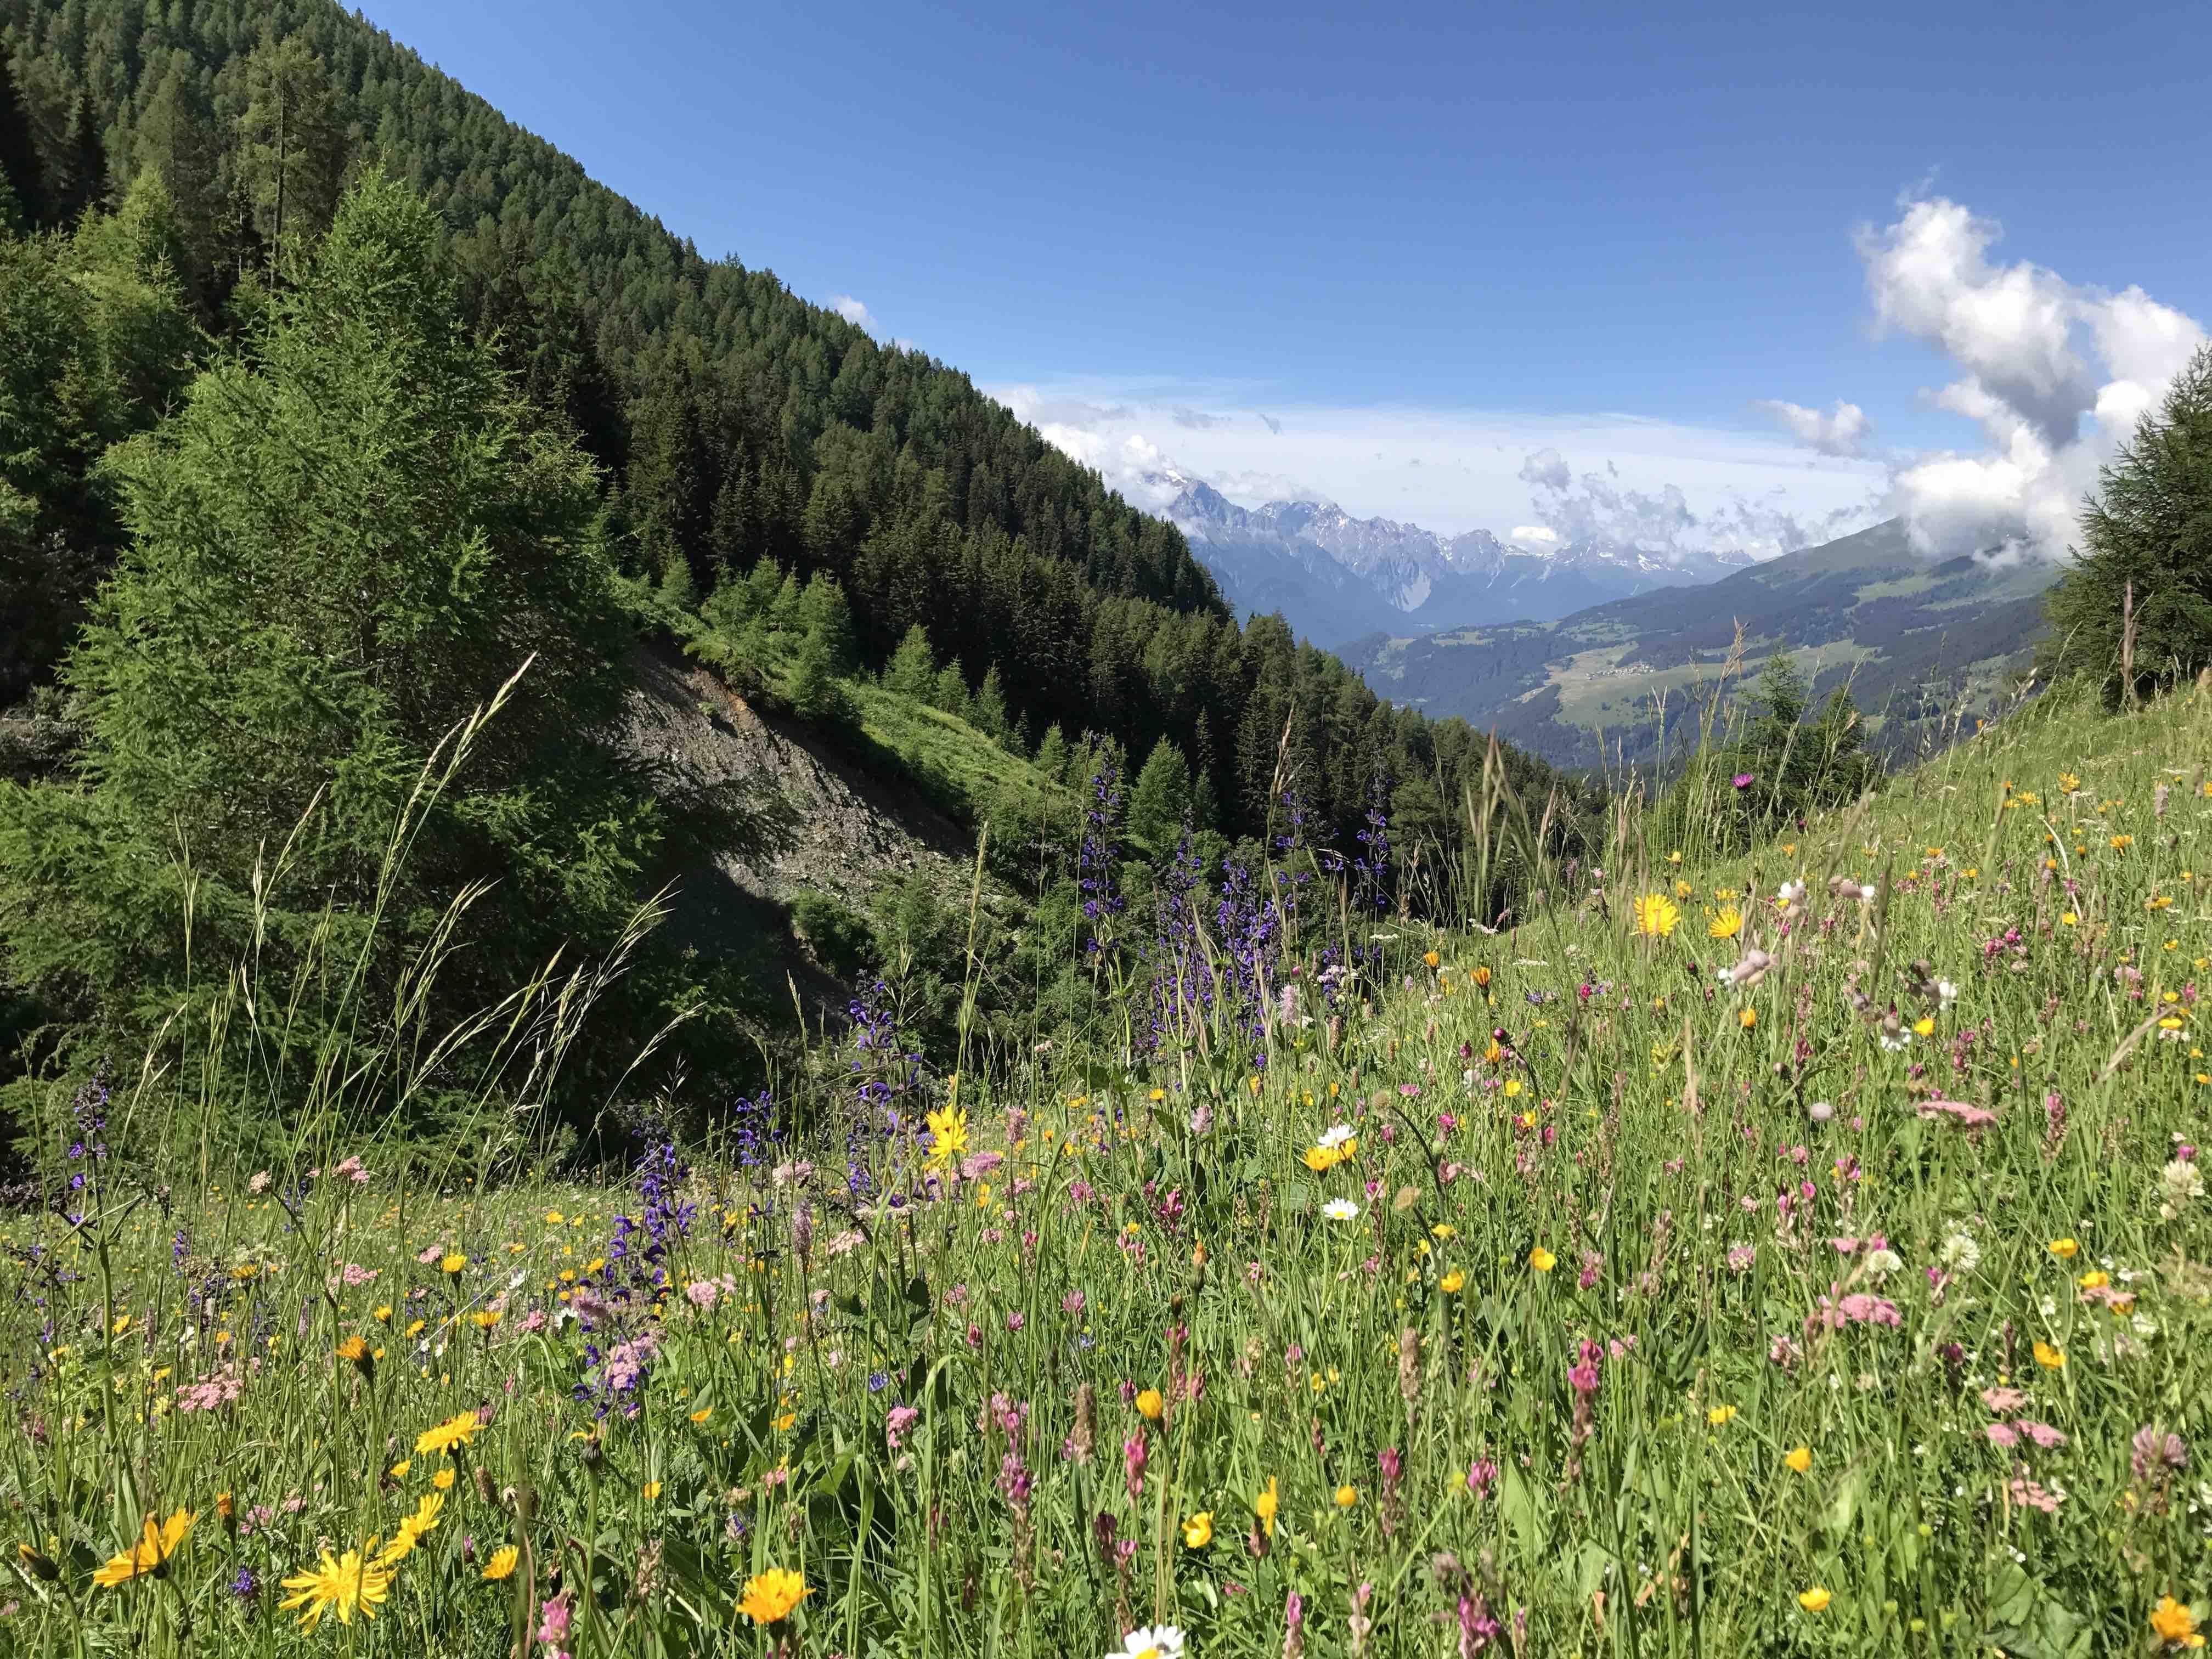 Artenreiche Ökosysteme können sich besser an geänderte Umweltbedingungen anpassen. Foto: Christina Schwann